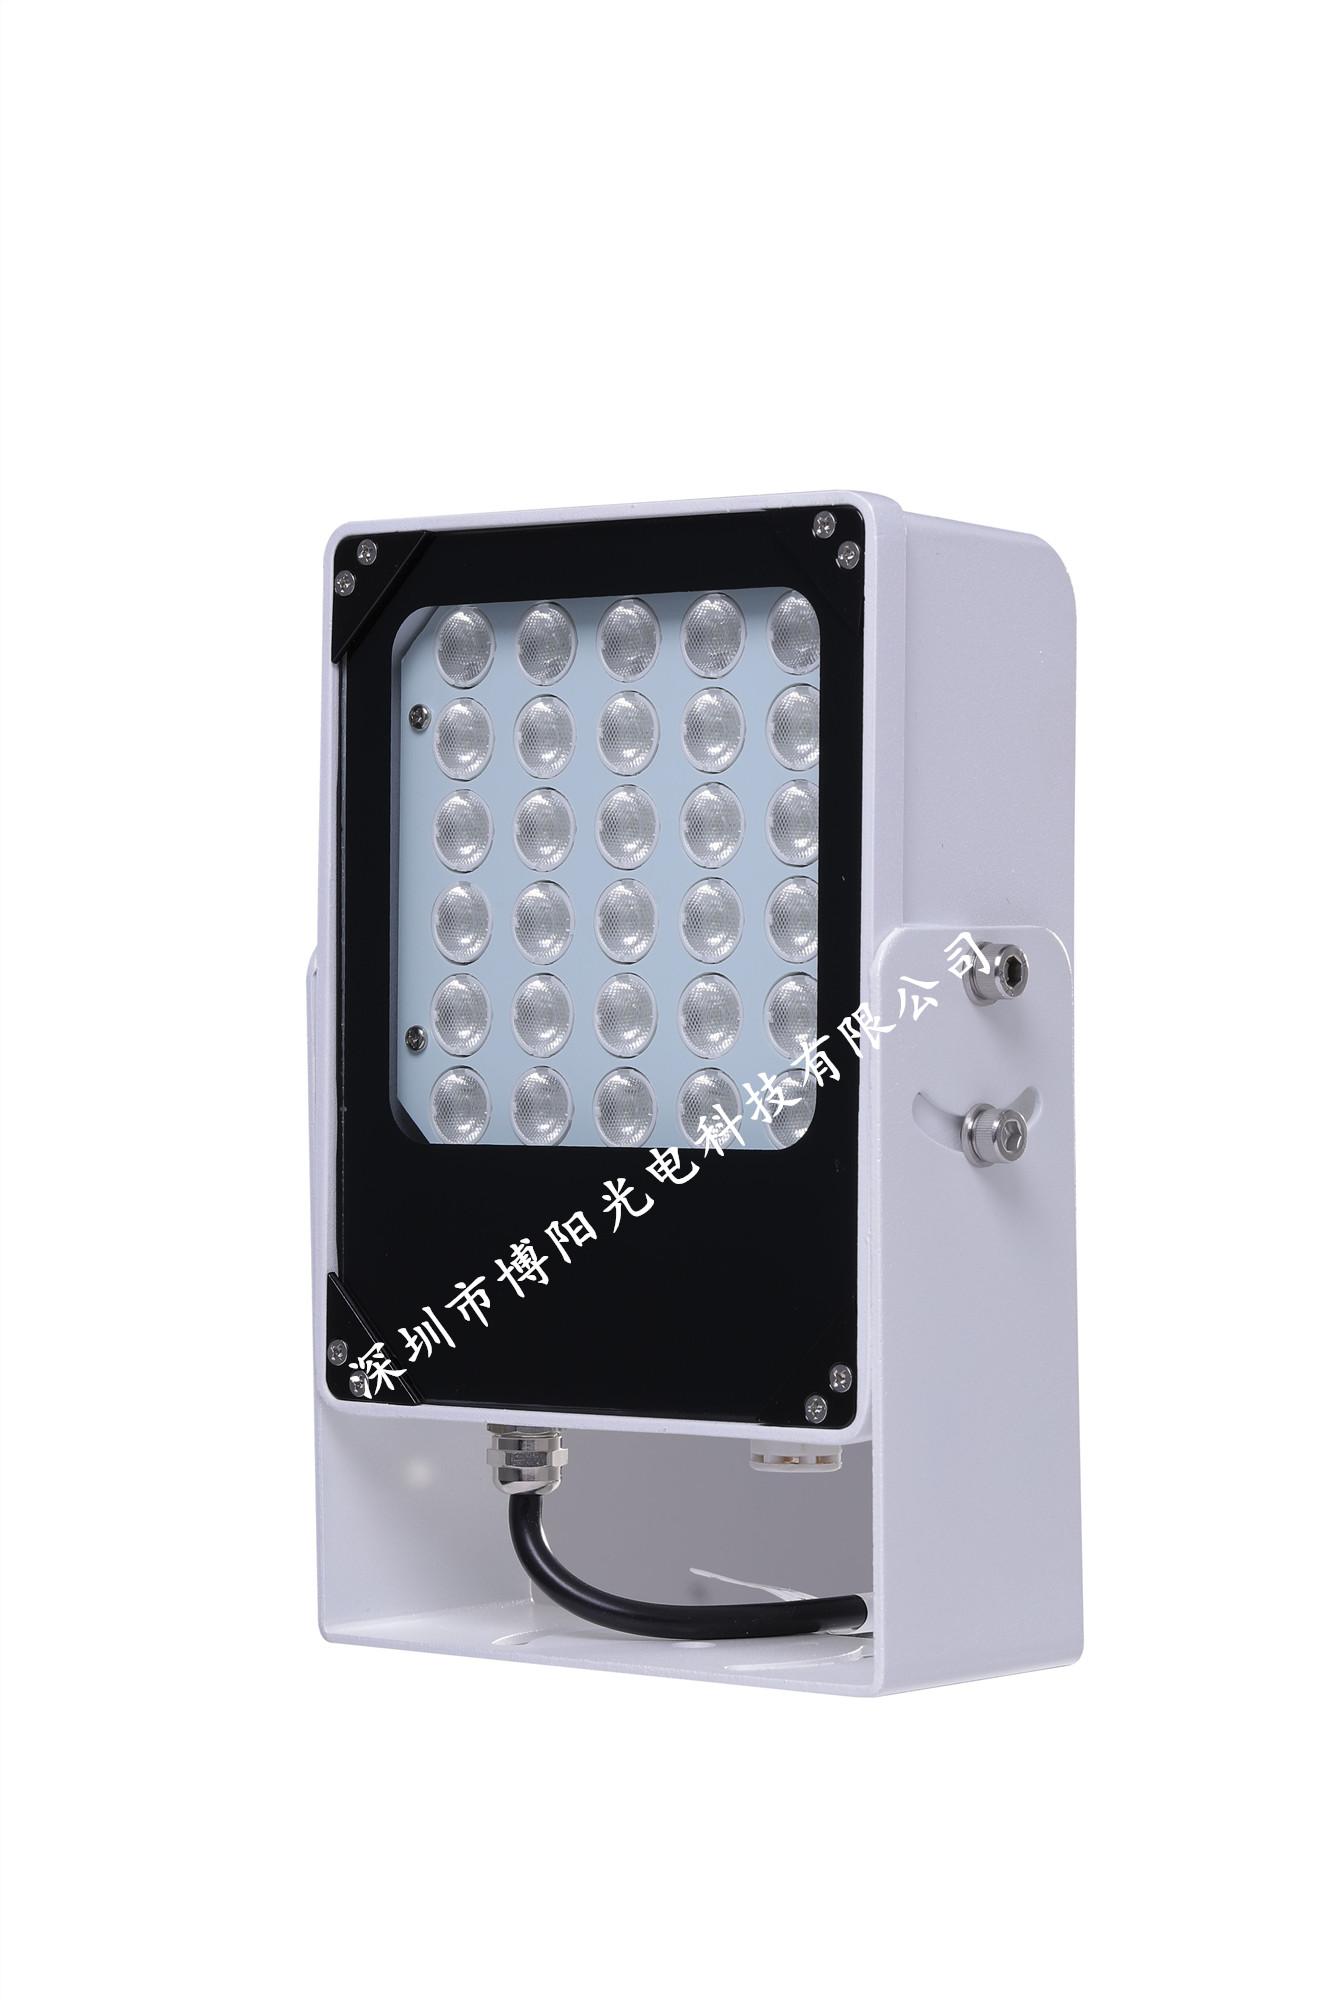 道路监控LED补光灯